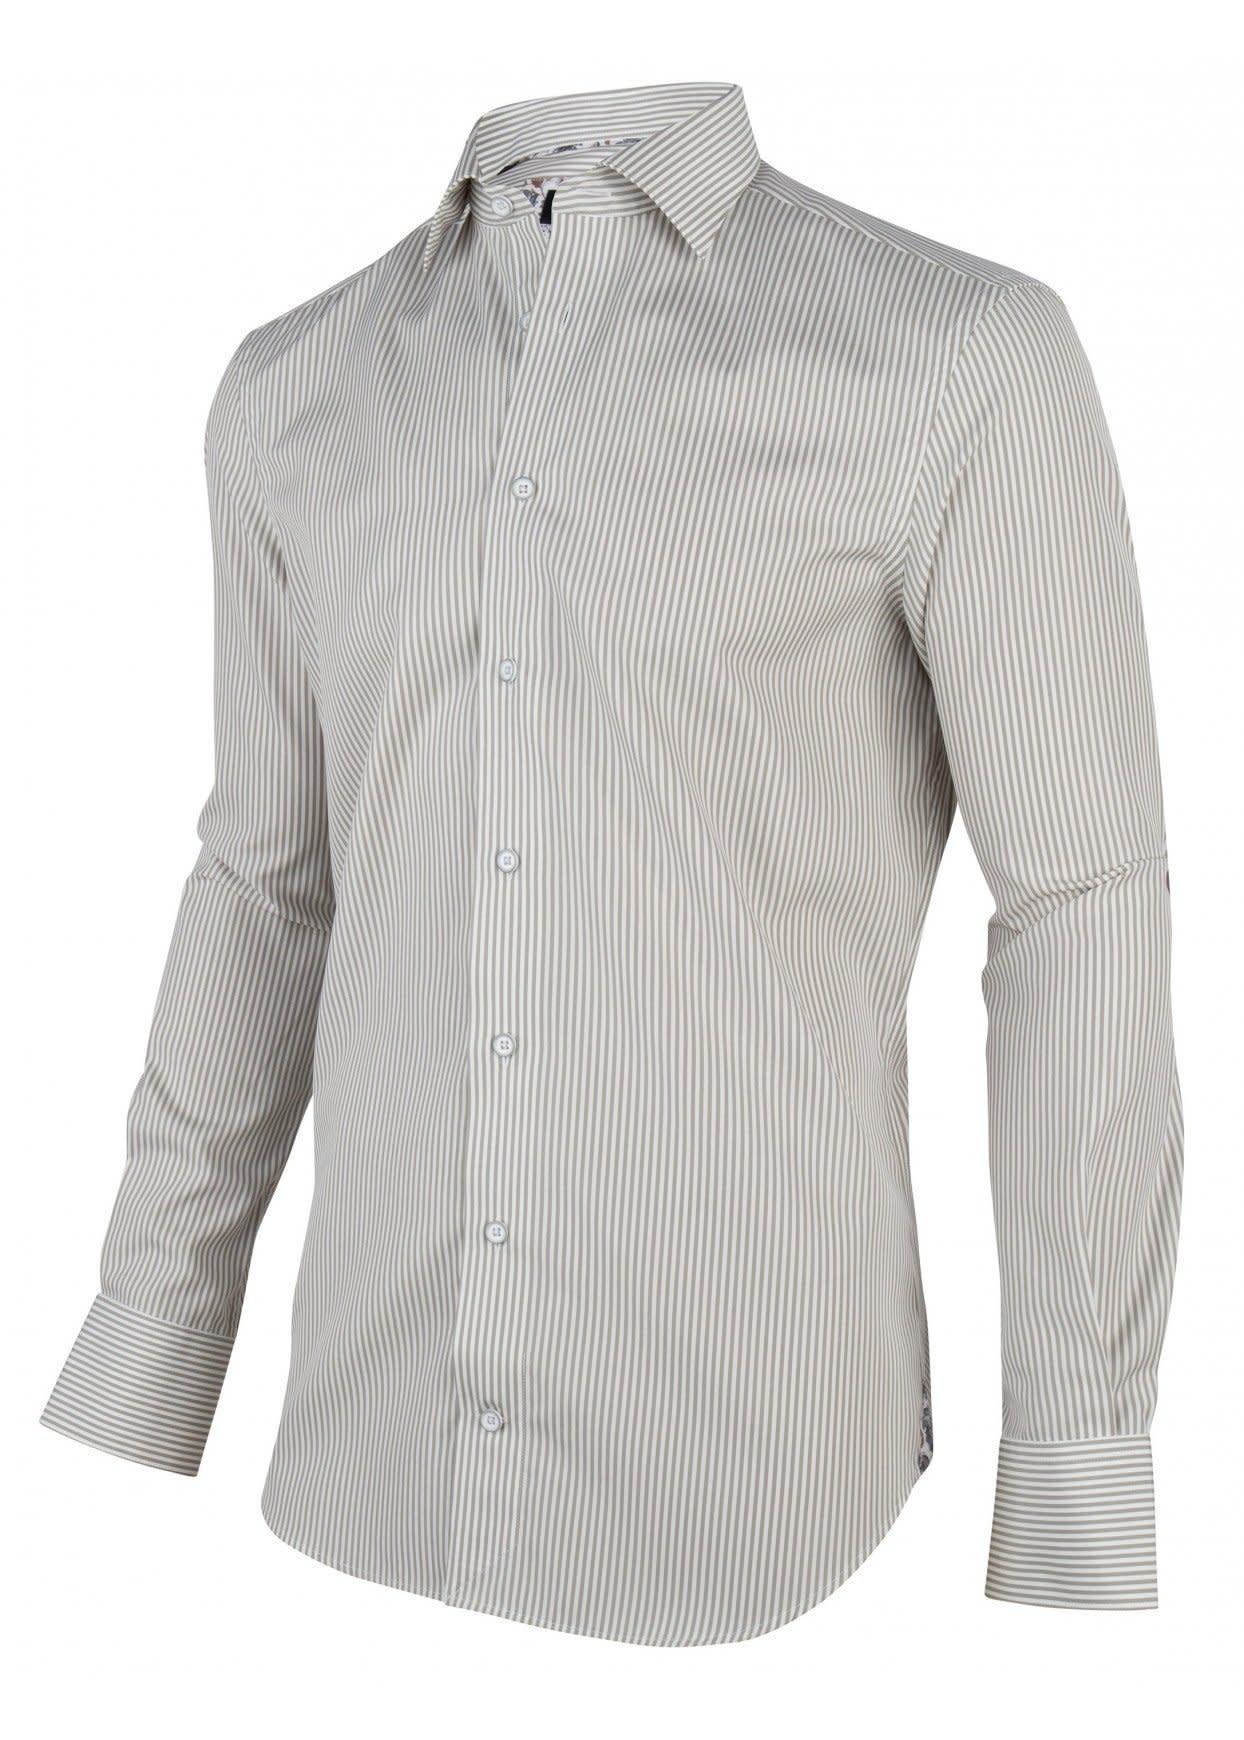 Elisio overhemd-5